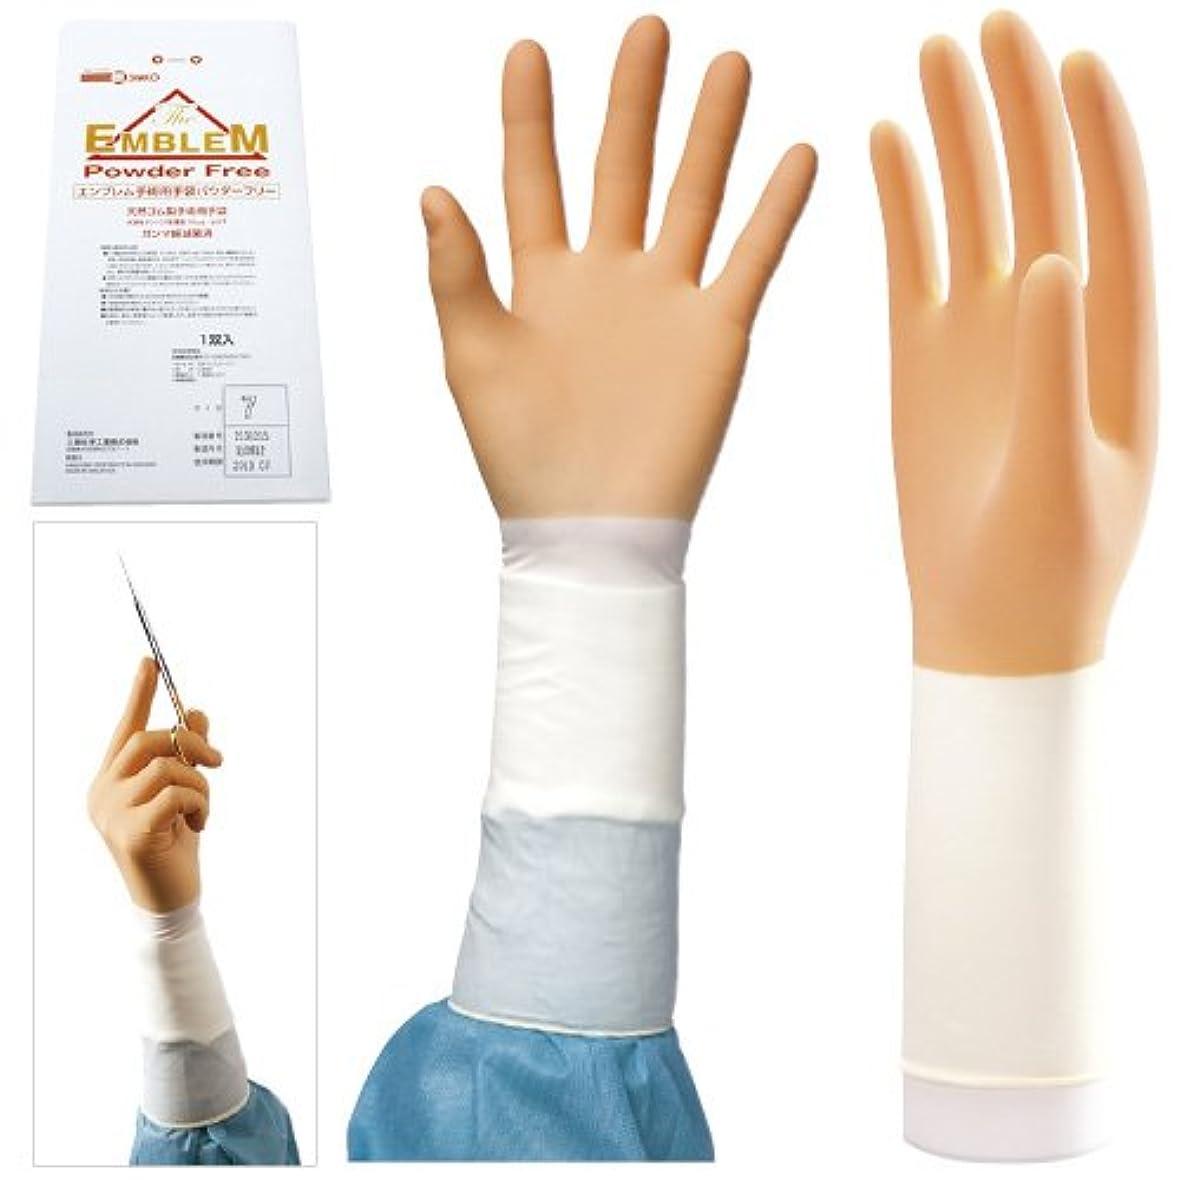 スーダンあいにく注入するエンブレム手術用手袋 パウダーフリー NEW(20双入) 5.5